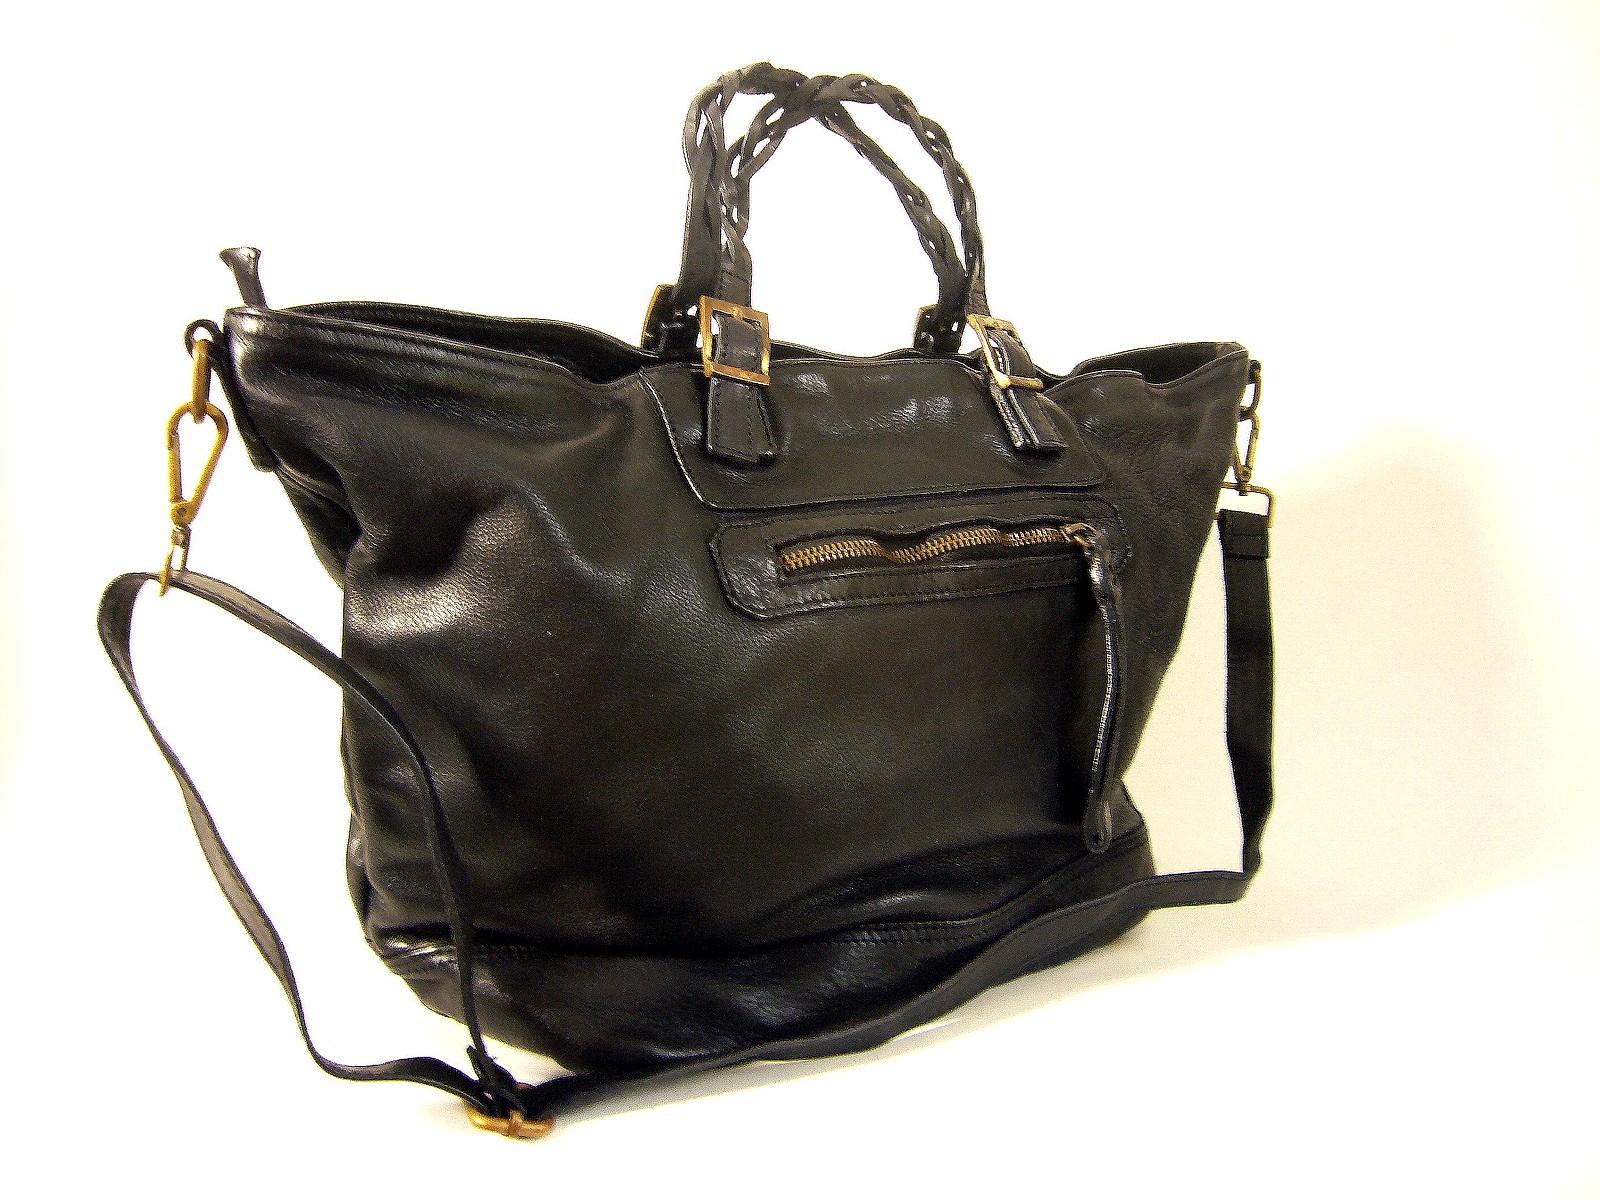 nouveau style d81ff 7c862 Sac cabas cuir italien vintage noir Nadia